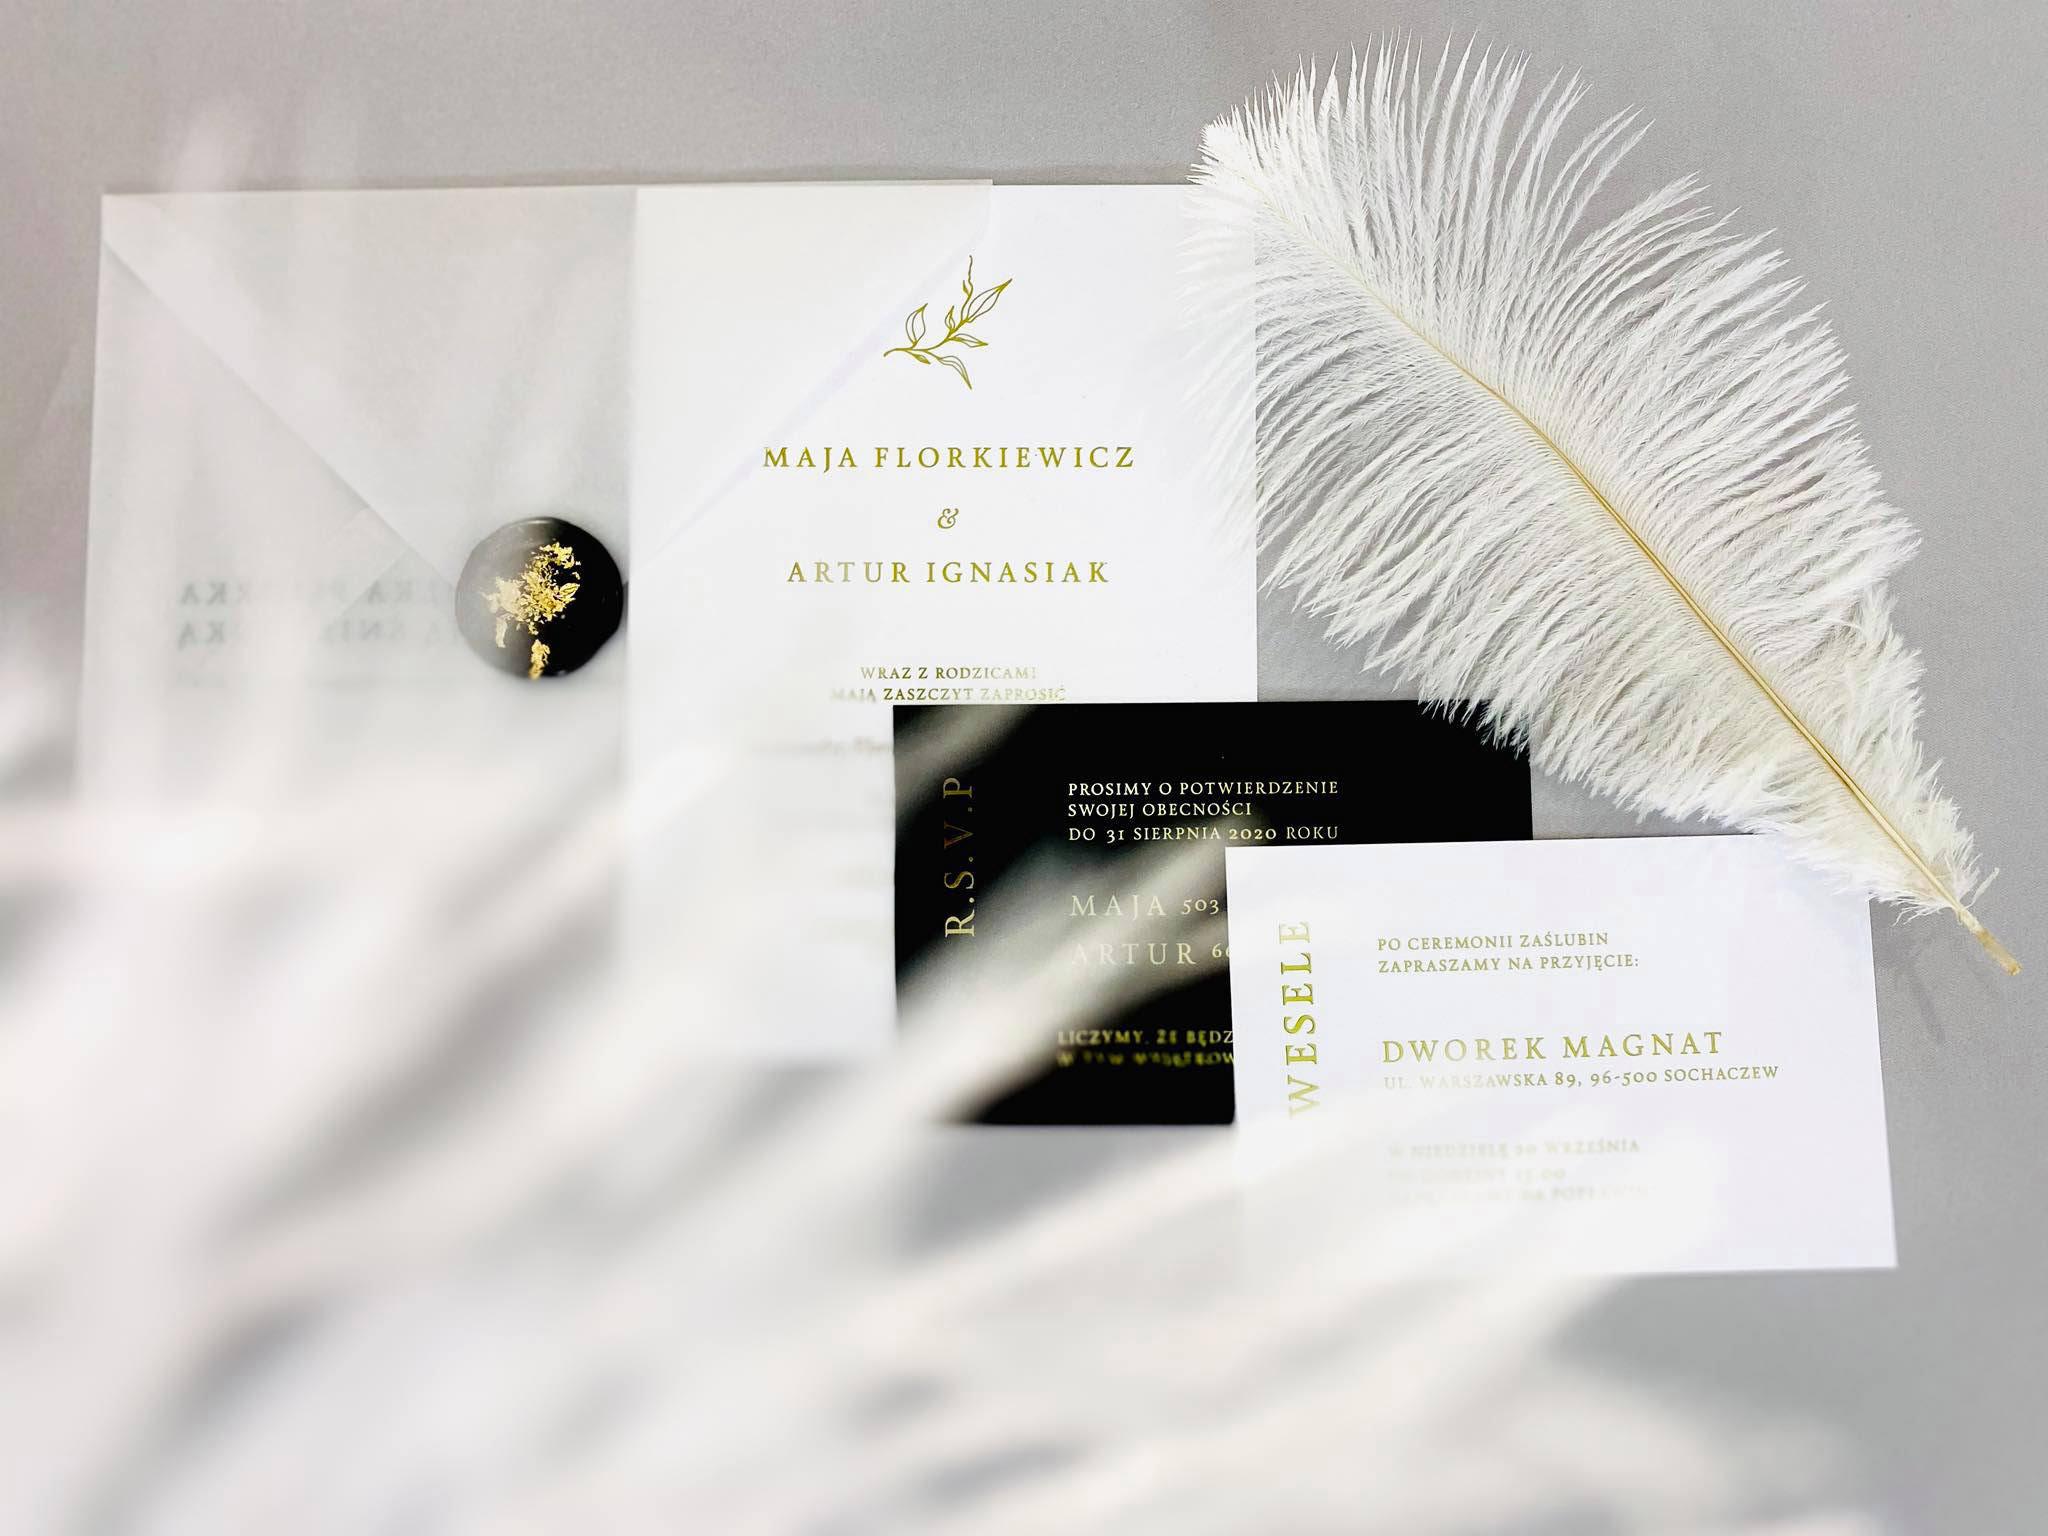 zaproszenie glamour ze złotymi napisami, białe, czarne, eleganckie